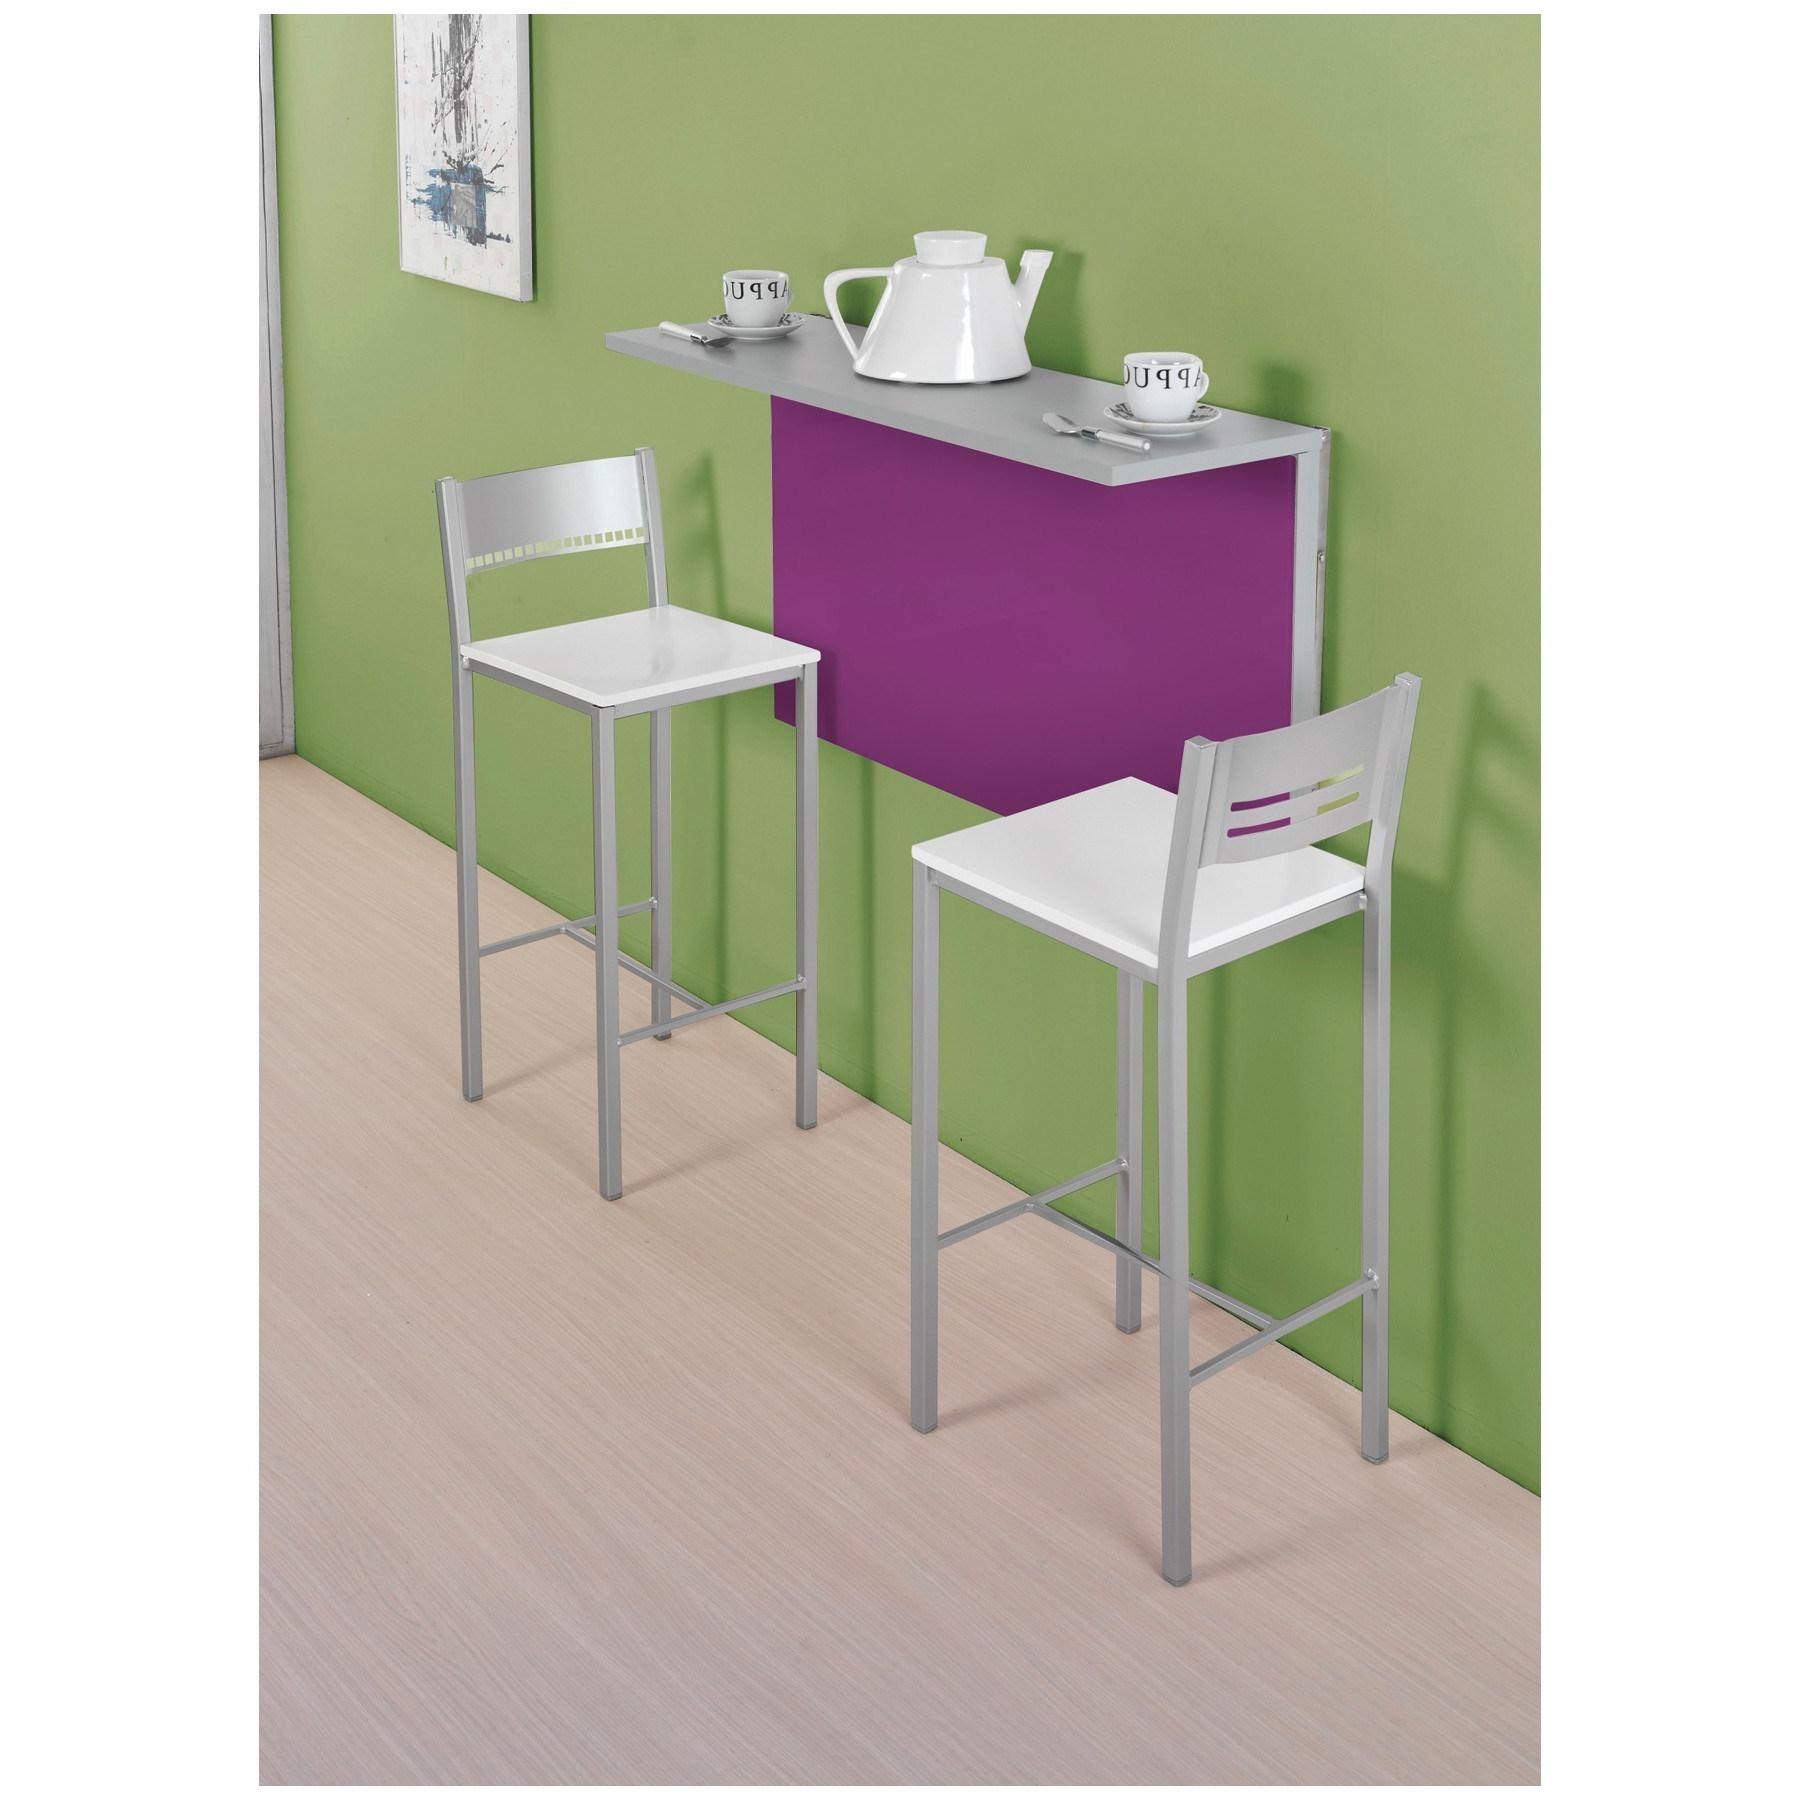 Comprar Mesa De Cocina D0dg Prar Mesa Cocina Plegable Muebles Edor Ikea Segunda Mano